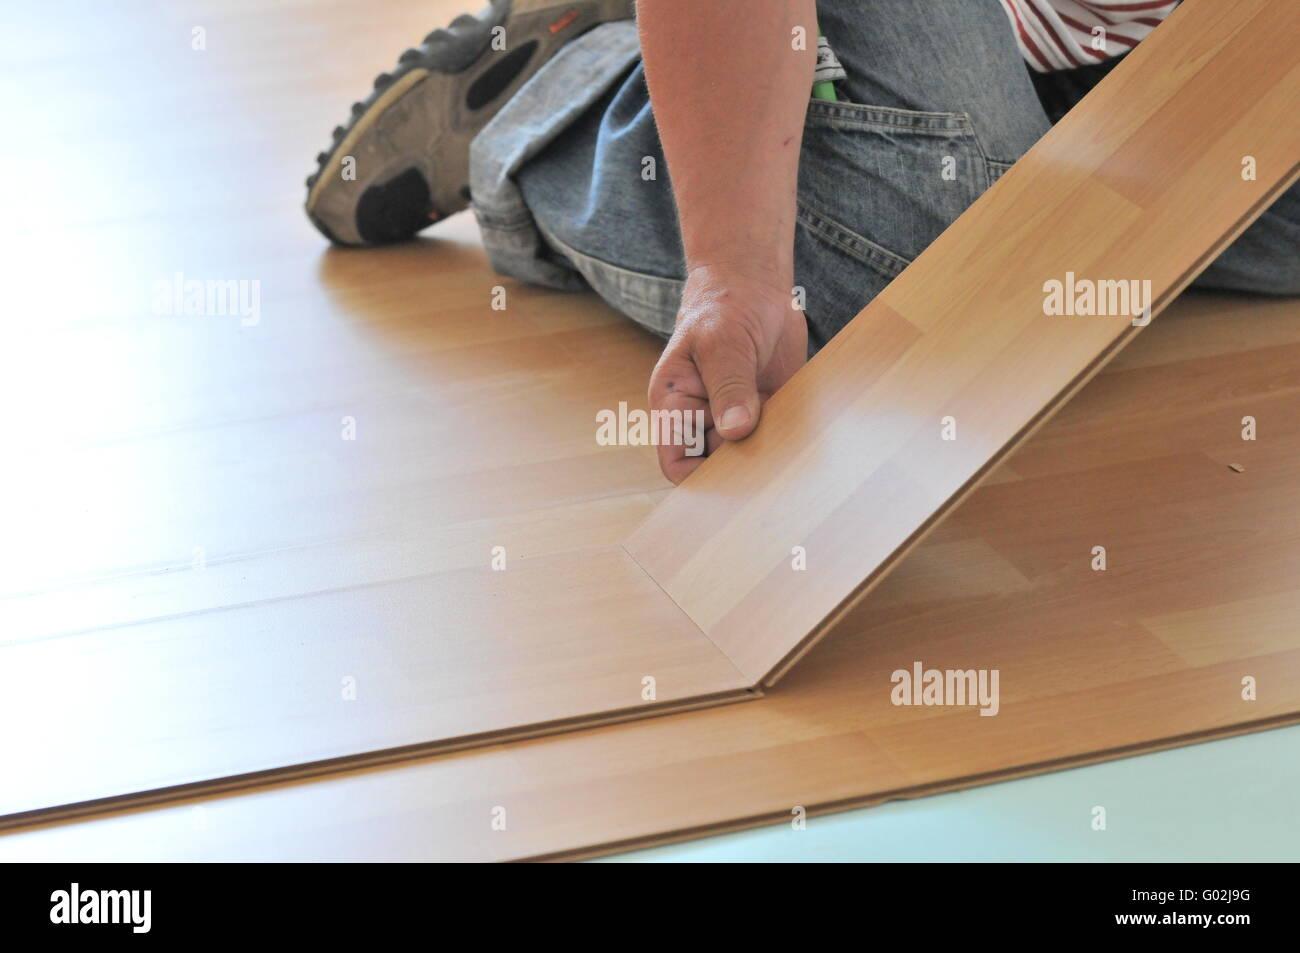 Fußboden Legen ~ Fussboden legen stockfotos fussboden legen bilder alamy